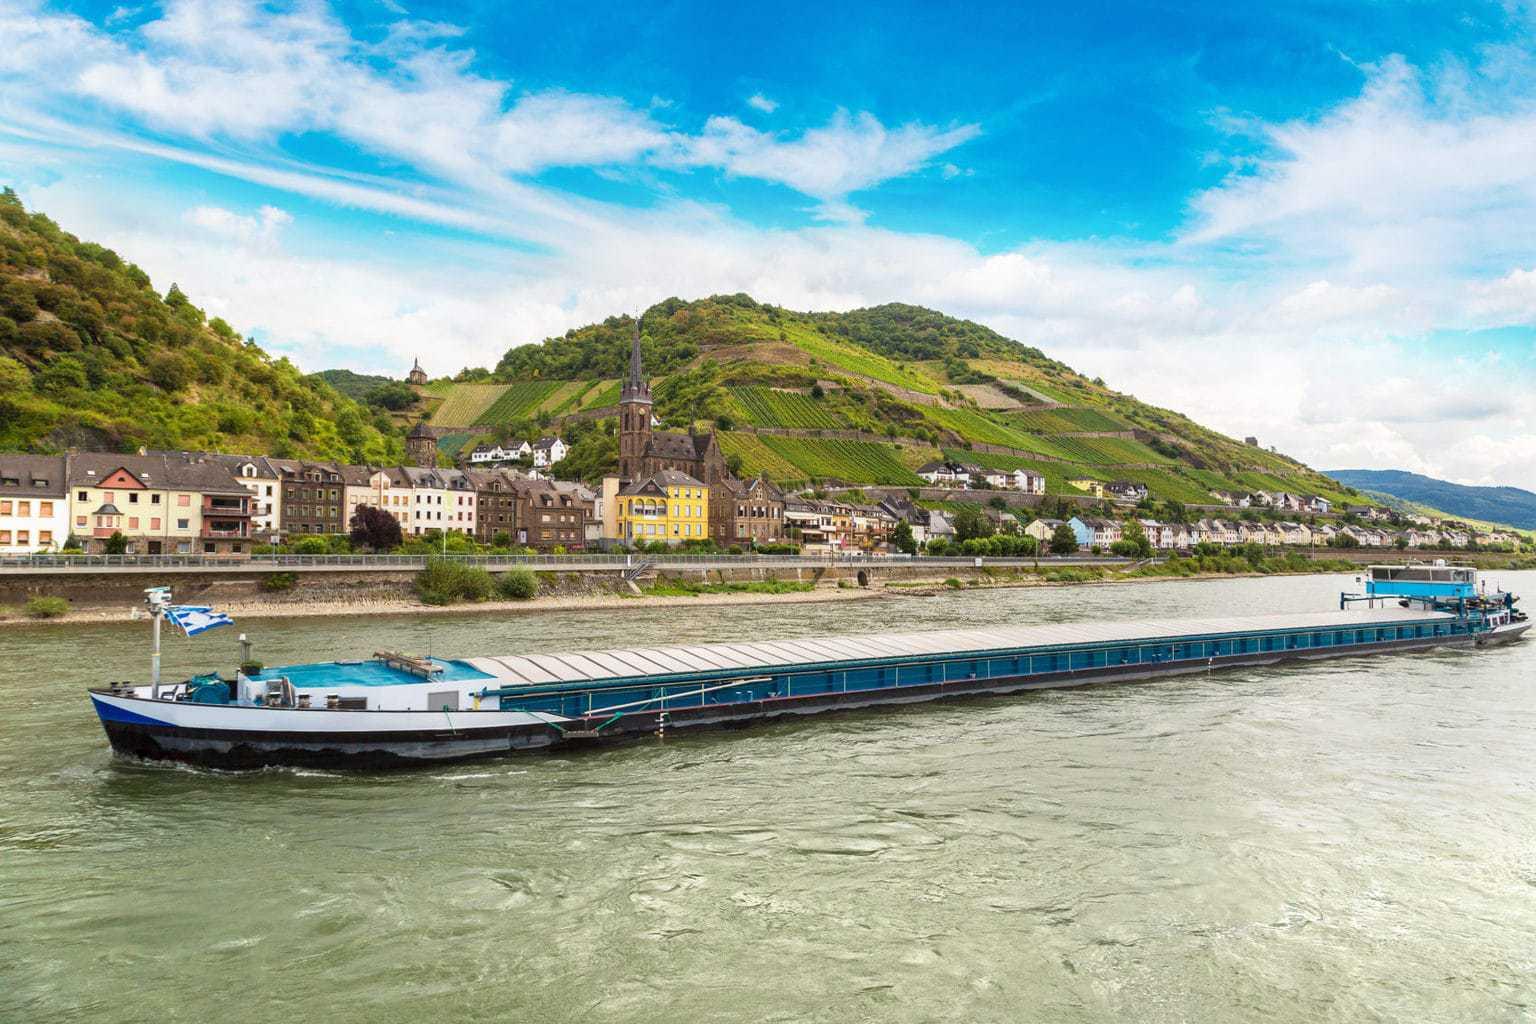 Een scheep op de rivier Rijn met op de achtergrond der Loreley